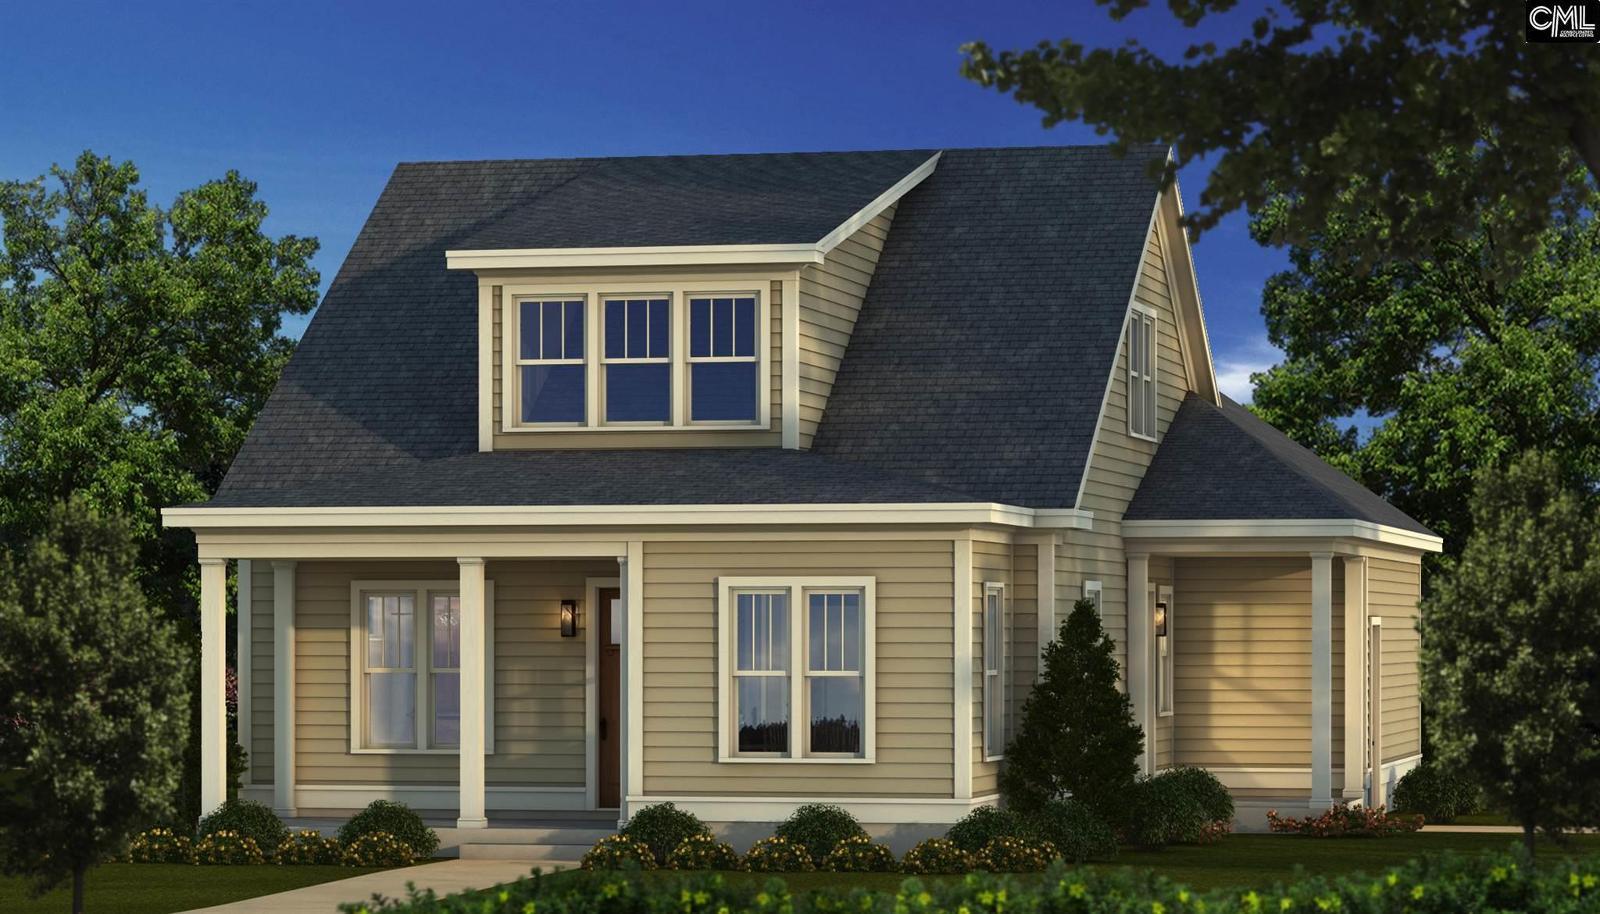 346 coldwater crossing 517 lexington sc mls 427630 for Lexington sc home builders